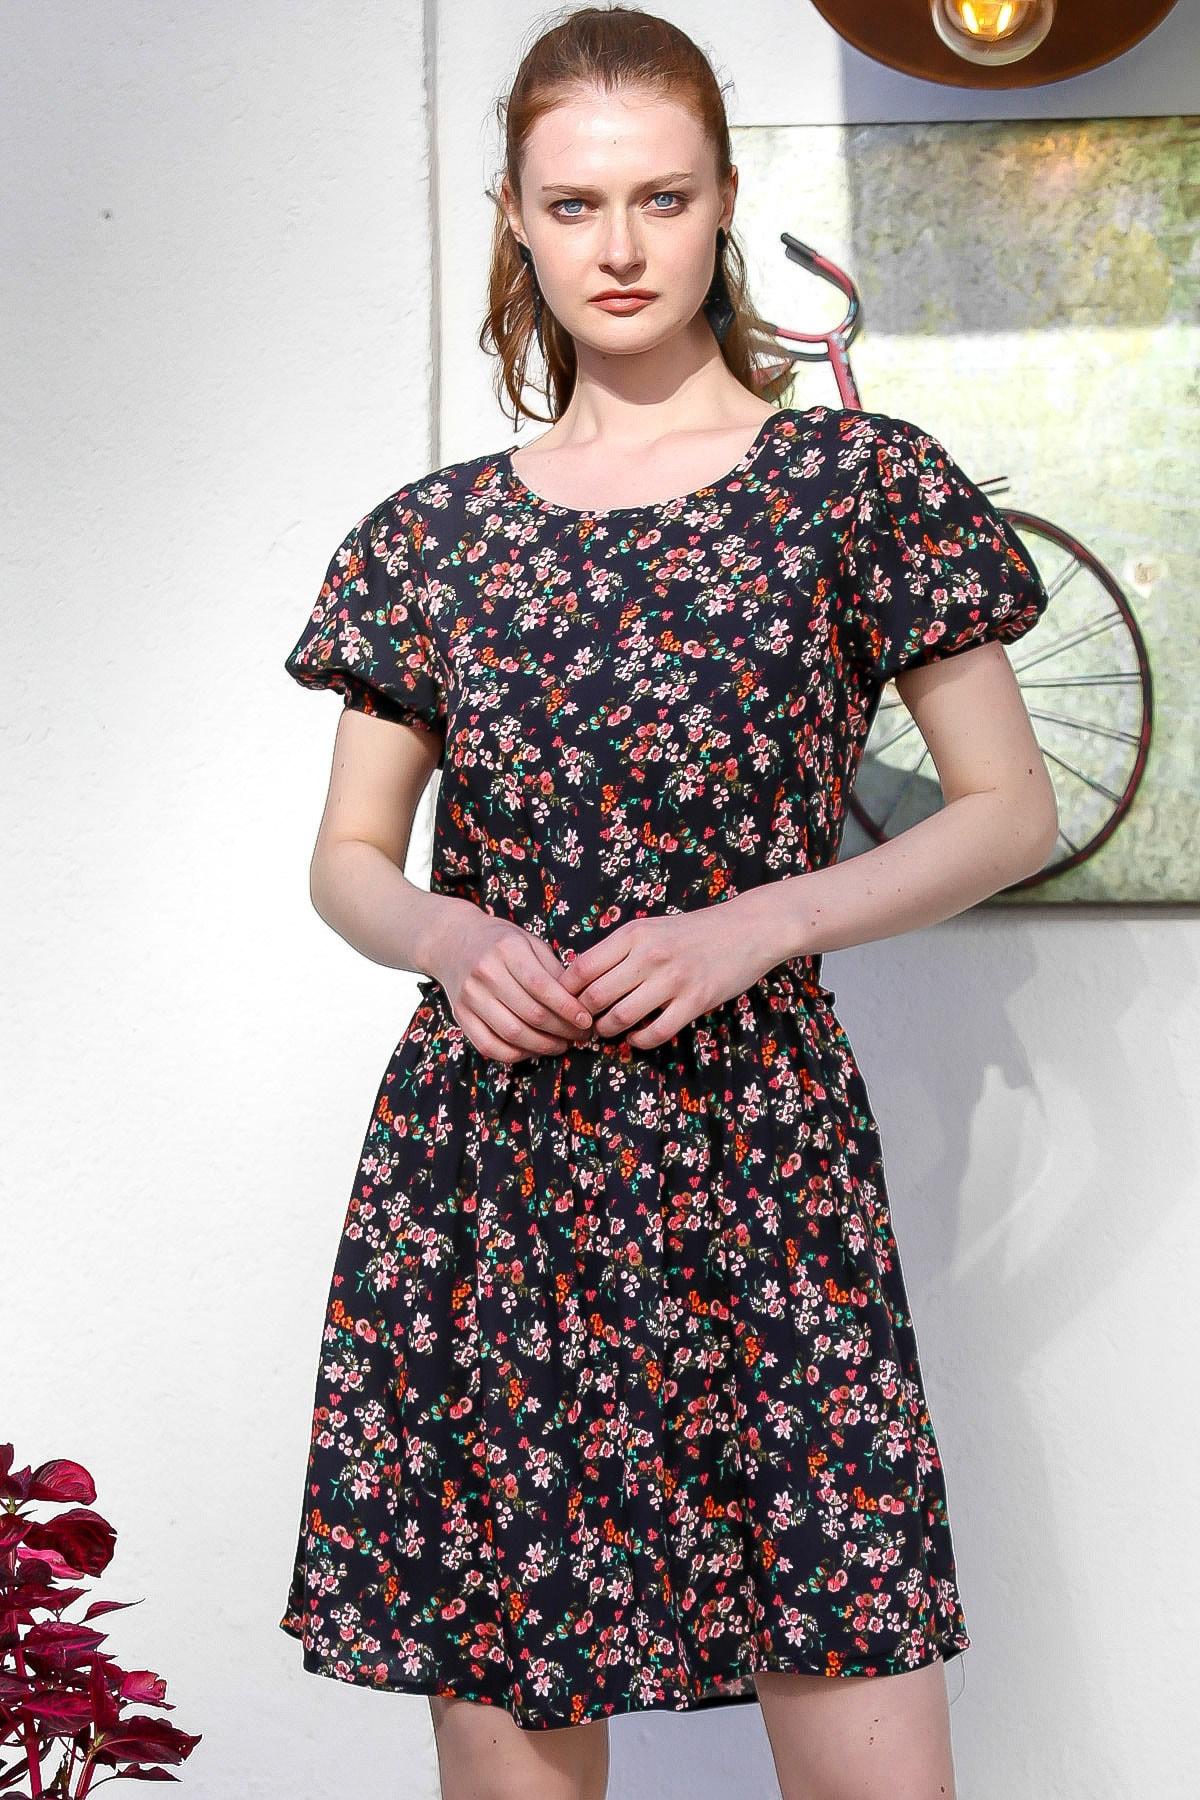 Chiccy Kadın Siyah Sıfır Yaka Karpuz Kol Fermuarlı Çıtır Çiçek Desenli Emprime Elbise M10160000El94792